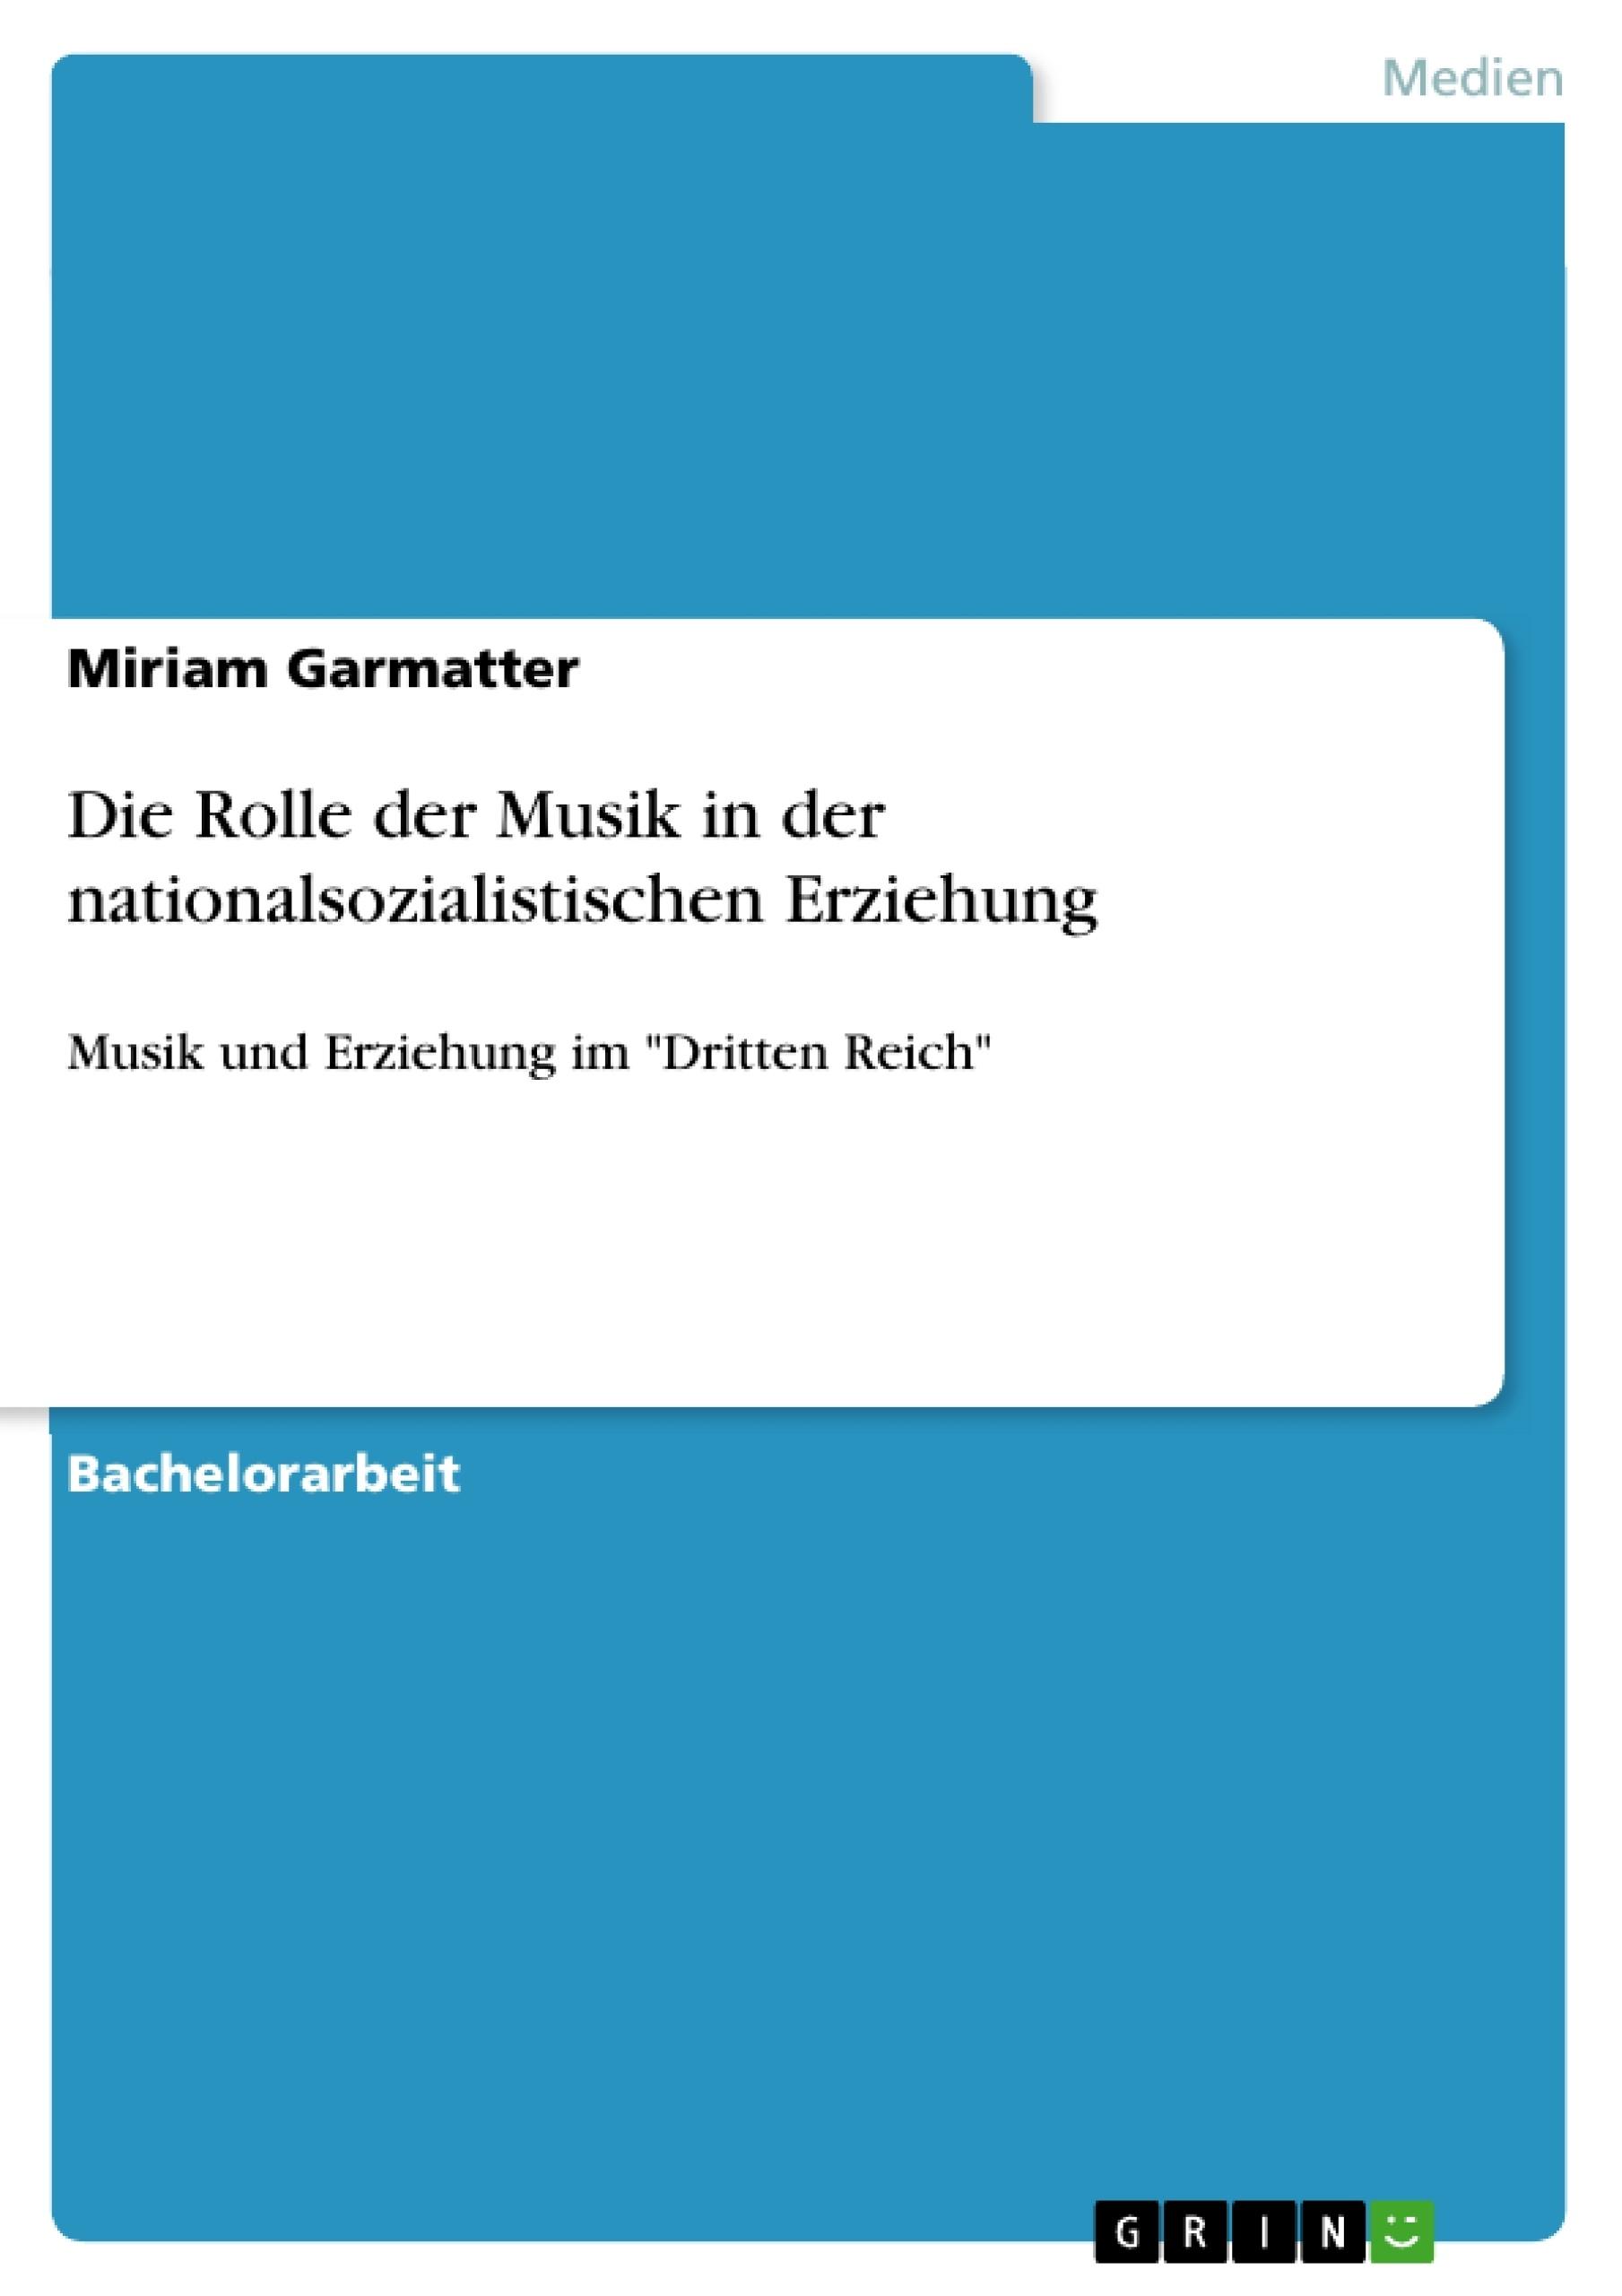 Titel: Die Rolle der Musik in der nationalsozialistischen Erziehung